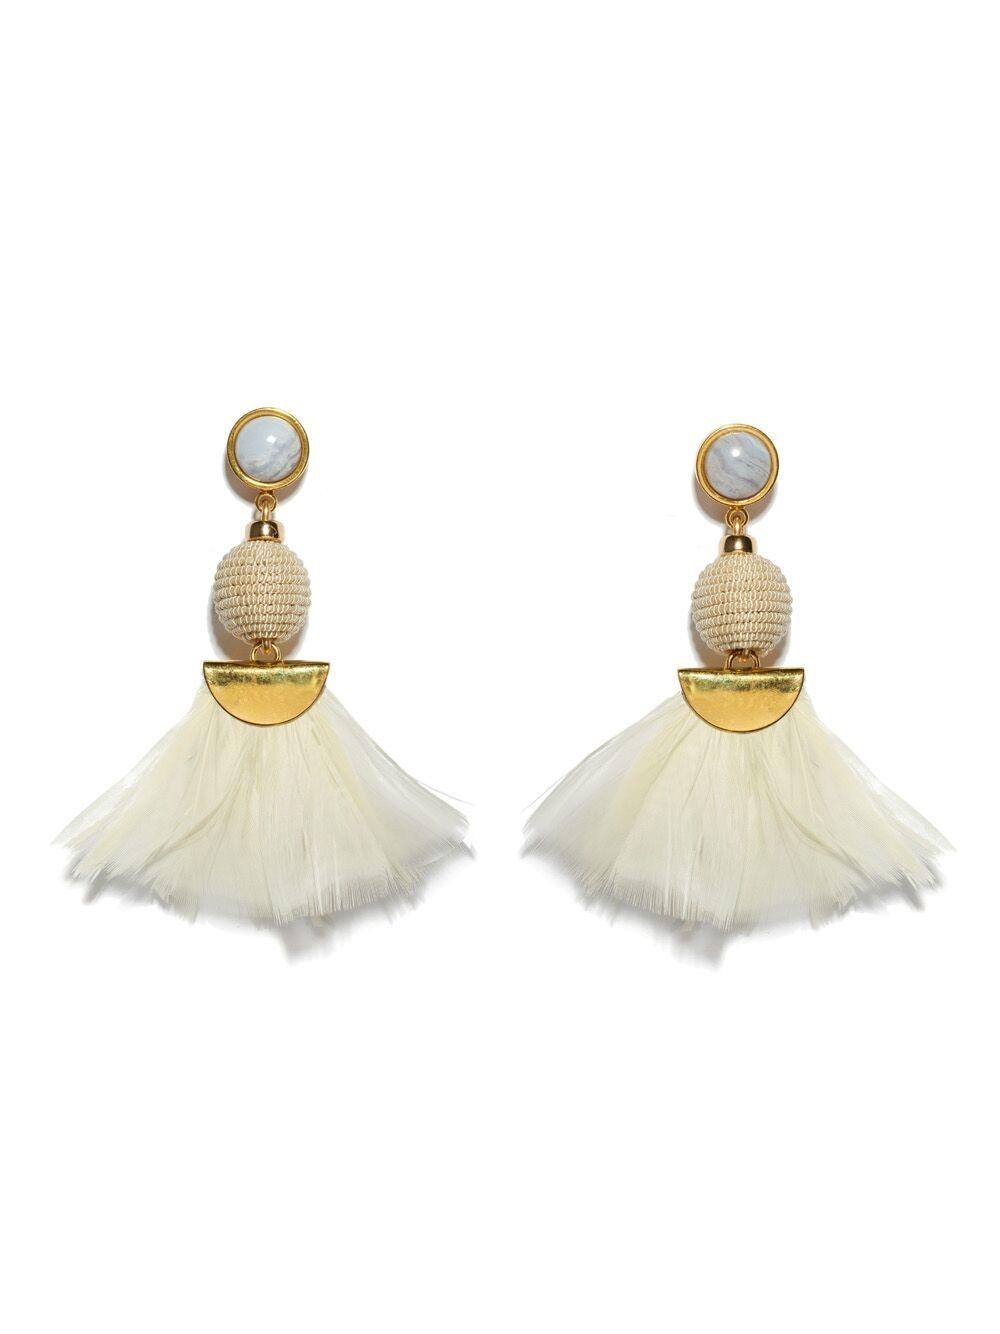 KirnaZabete-Lizzie-Fortunato-Parrot-Feather-Earrings-31.jpeg